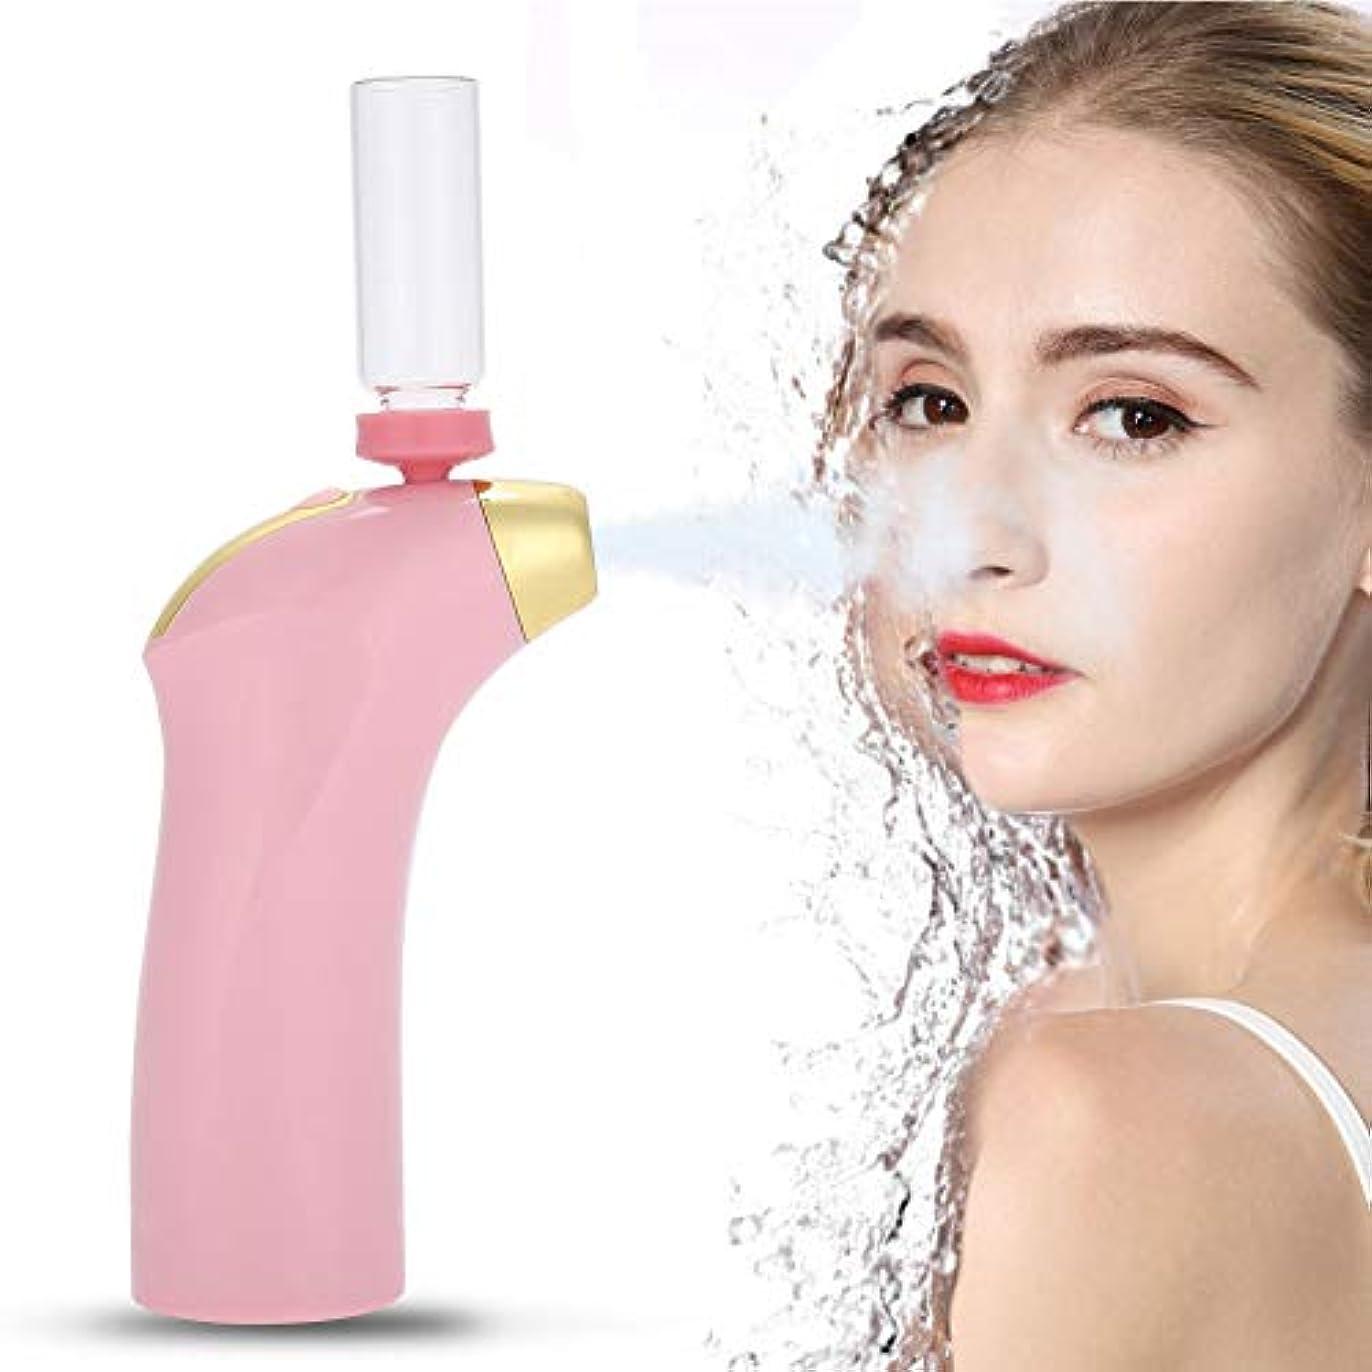 習熟度同化する露出度の高い専門の酸素の注入のスプレーガン - 顔の皮の若返りの美機械、顔の美の器械、引き締まる皮は、肌の色合い、色素形成を改善します